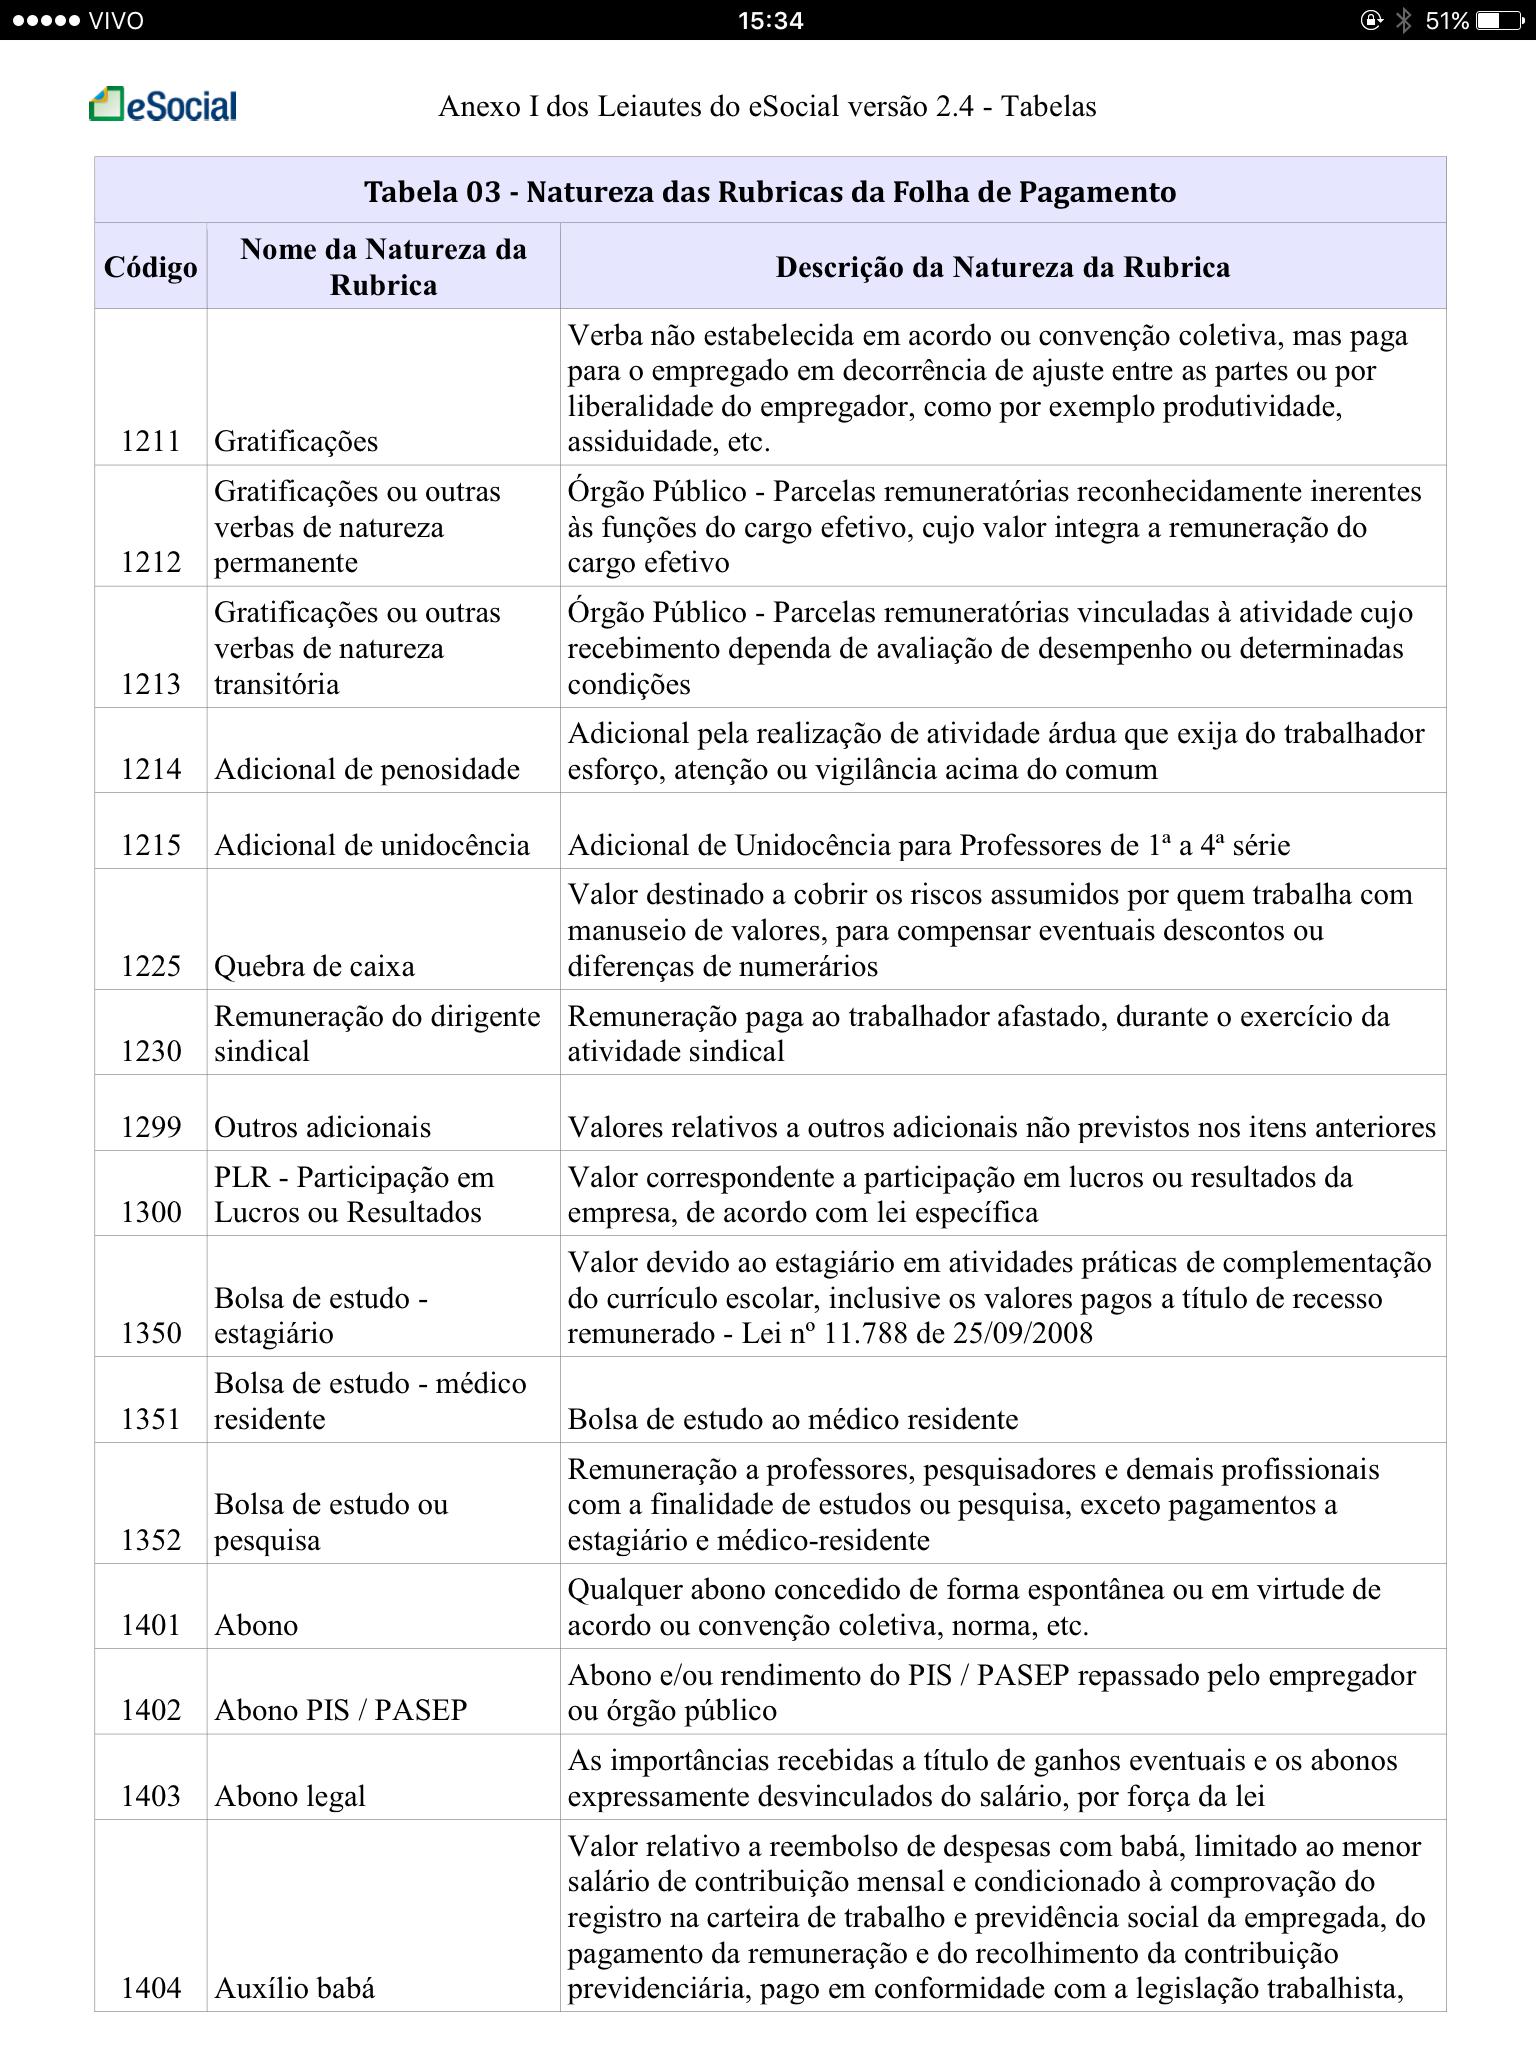 Tabela 3 Natureza das Rubricas da Folha de Pagamento 3